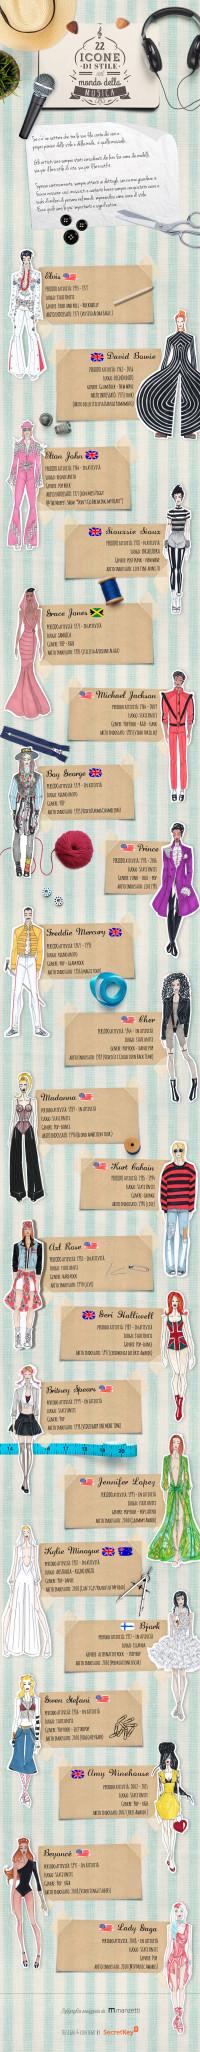 Manzetti - Infografica musica e moda